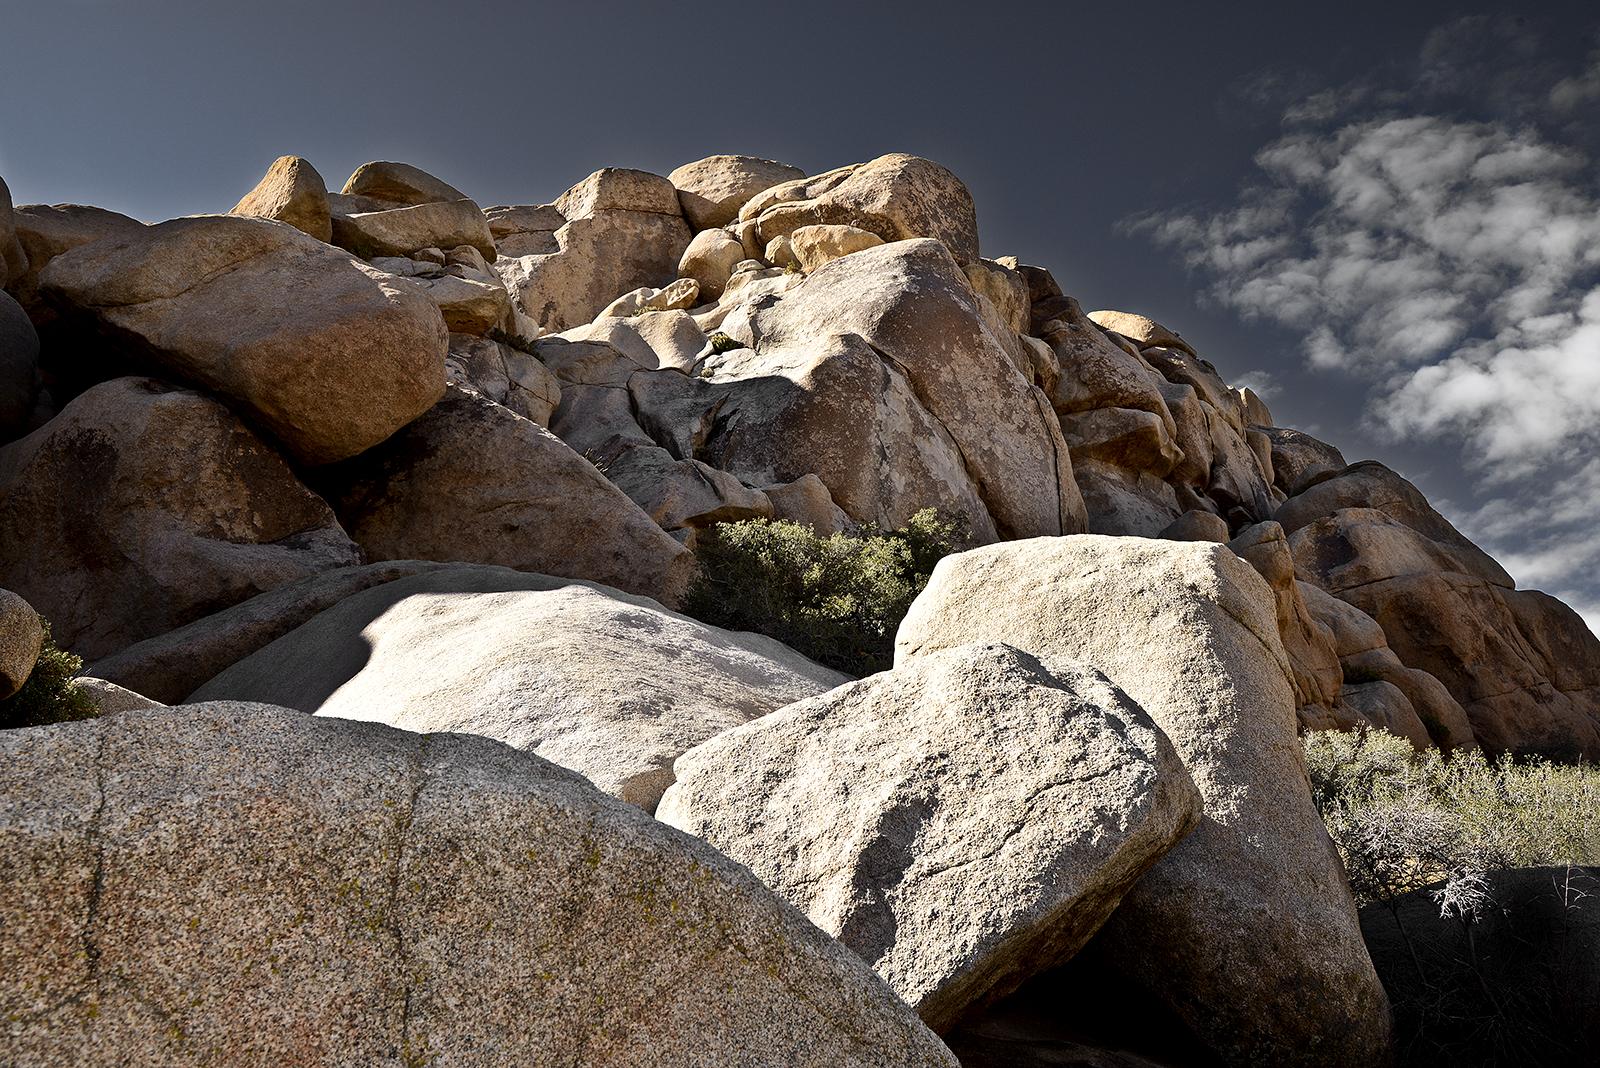 Joshua Tree National Park, Rocks, Early Morning